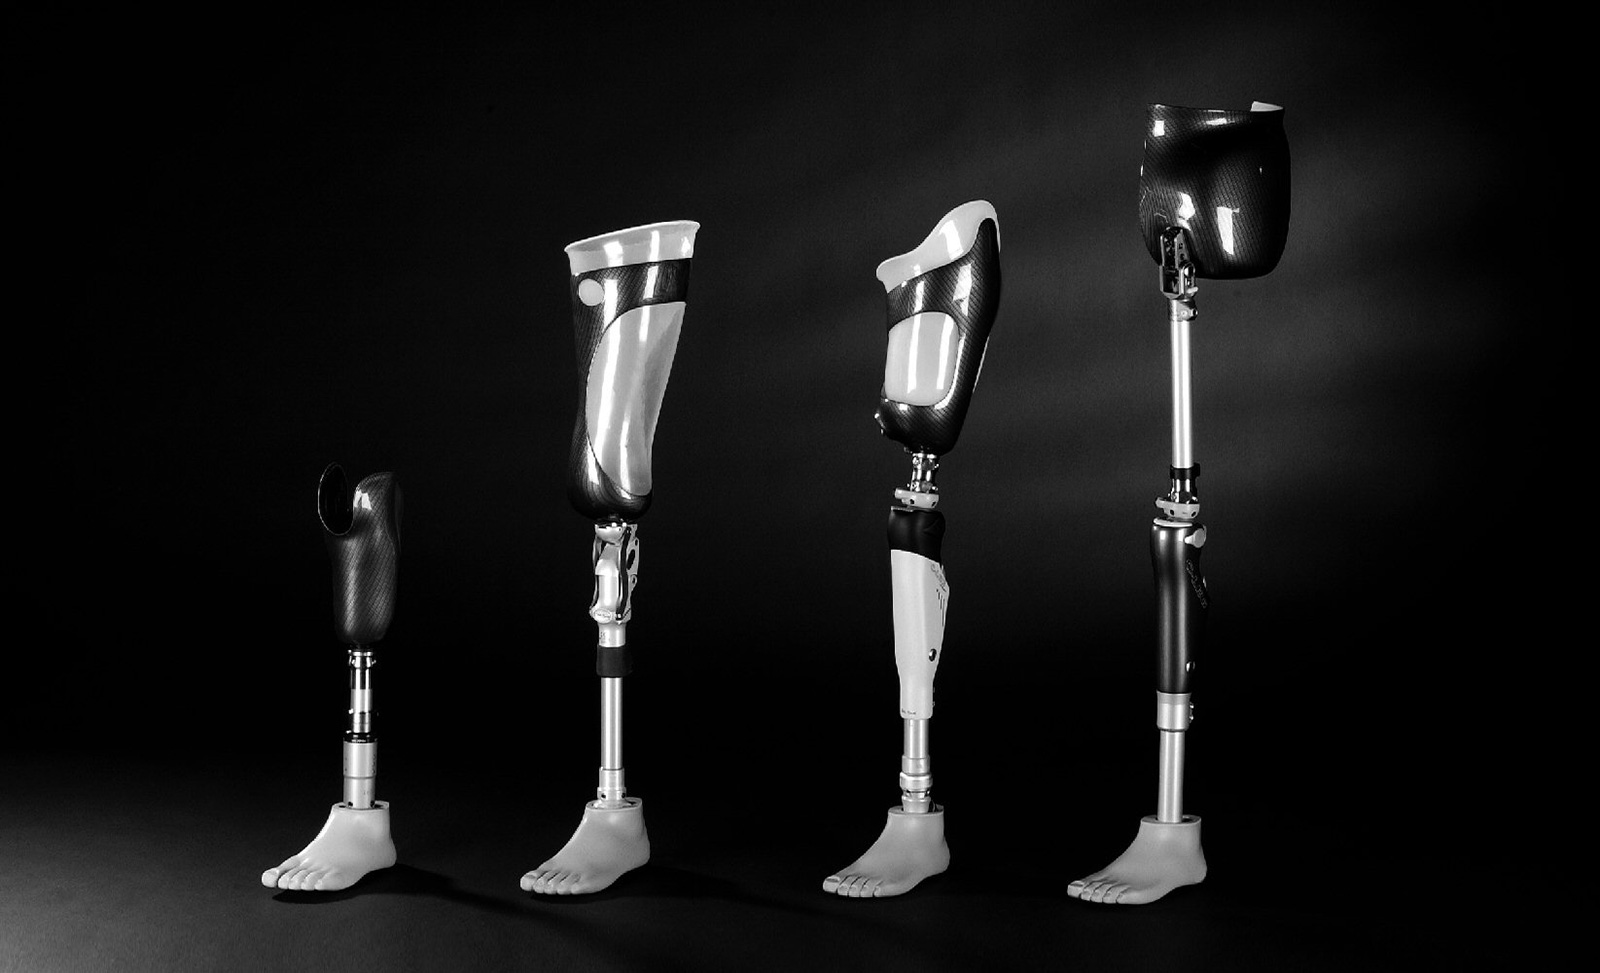 Abb. 10-14: Beinprothesen der Firma Otto Bock Health Care GmbH